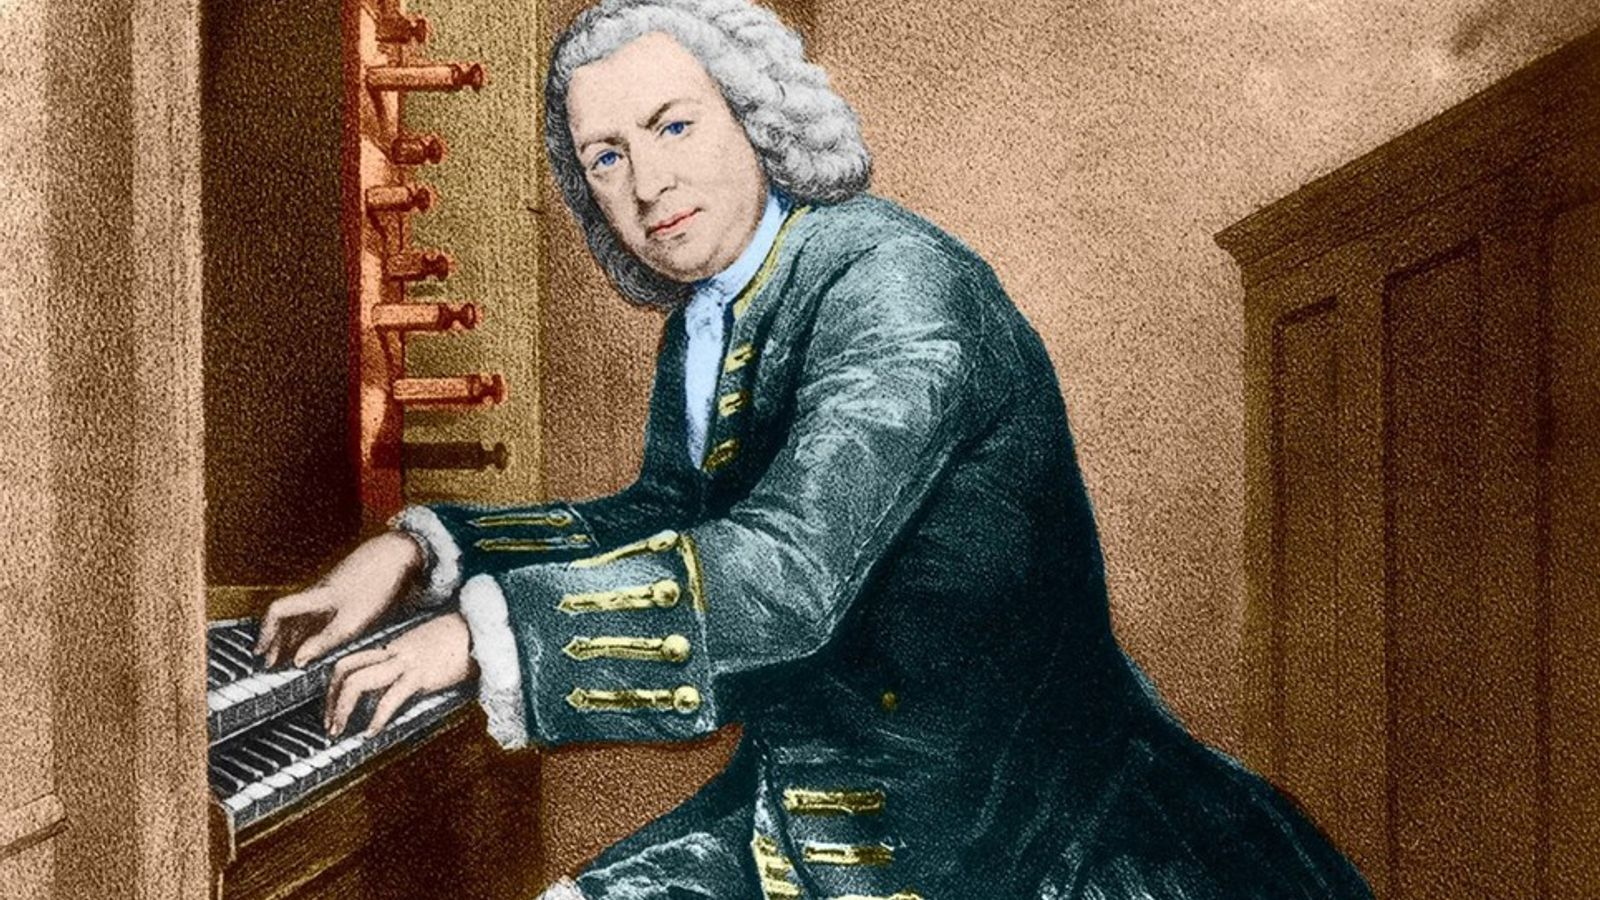 Zu den Fans des barocken Komponisten Johann Sebastian Bach gehörte auch der Wissenschaftler Albert Einstein. In ...